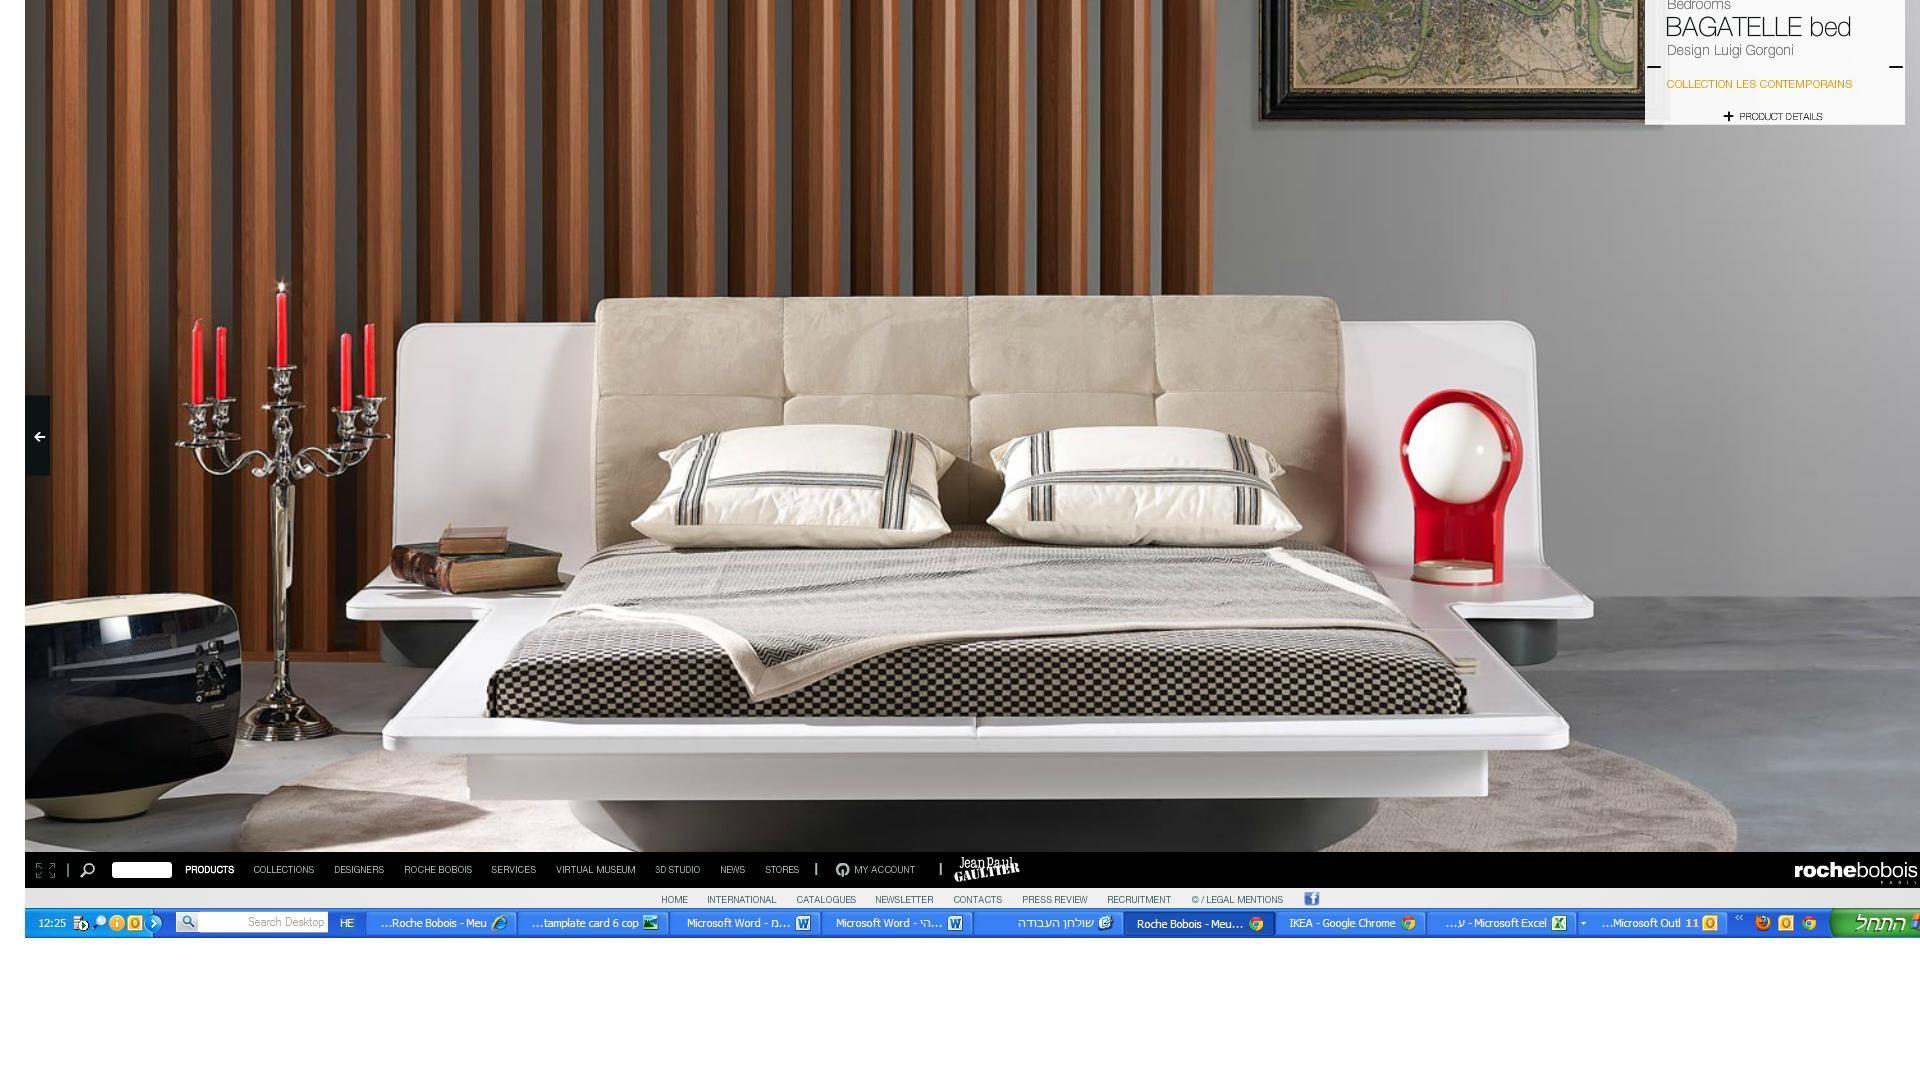 ROCHE BOBOIS cama asi pero sin cabecero | Ideas casa | Pinterest ...